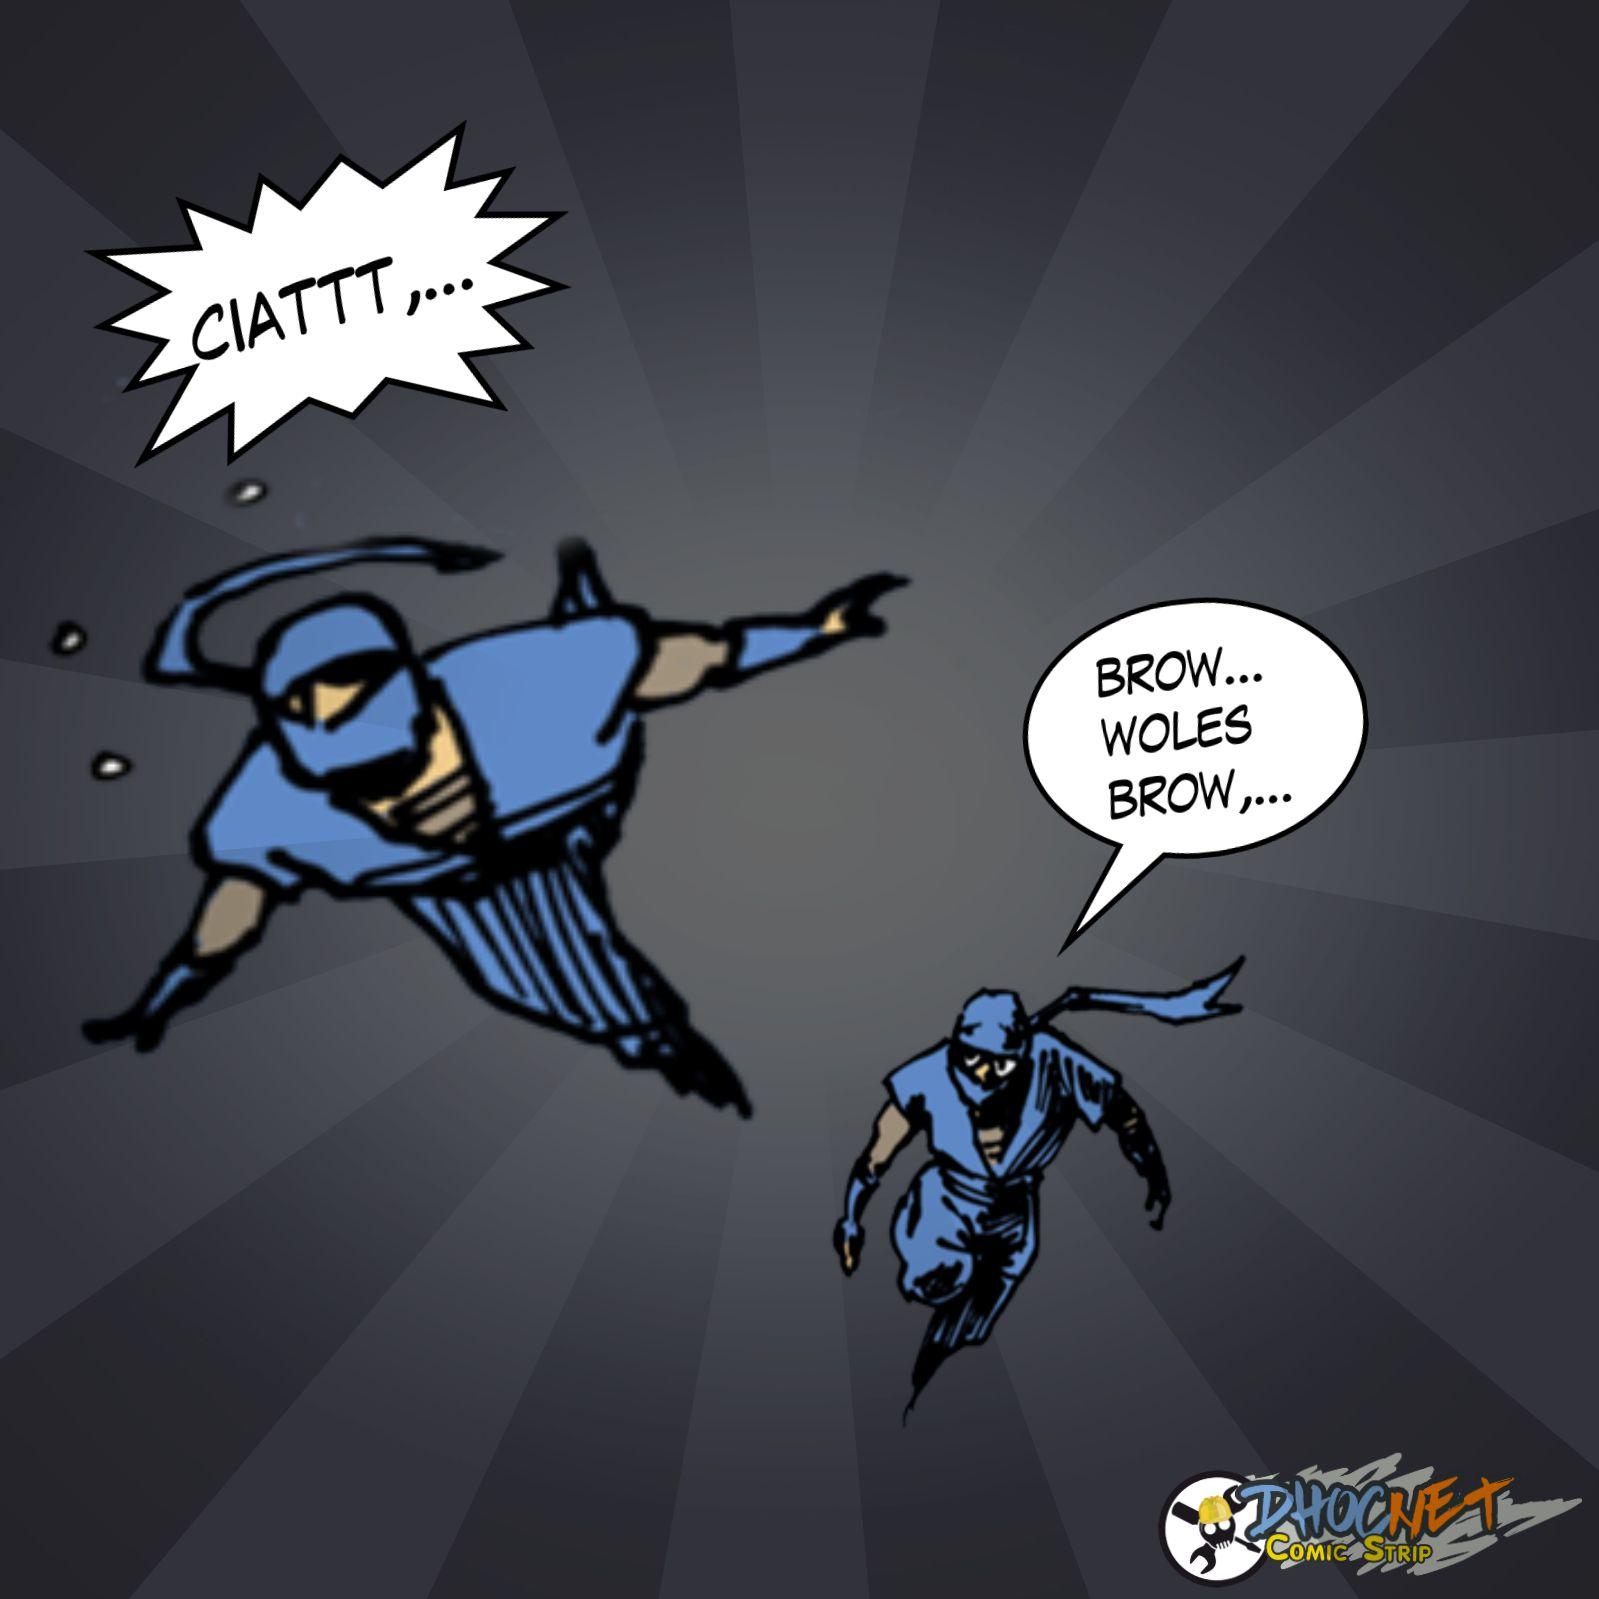 kisah pengirim surat - baca web comic di strip.dhocnet.work